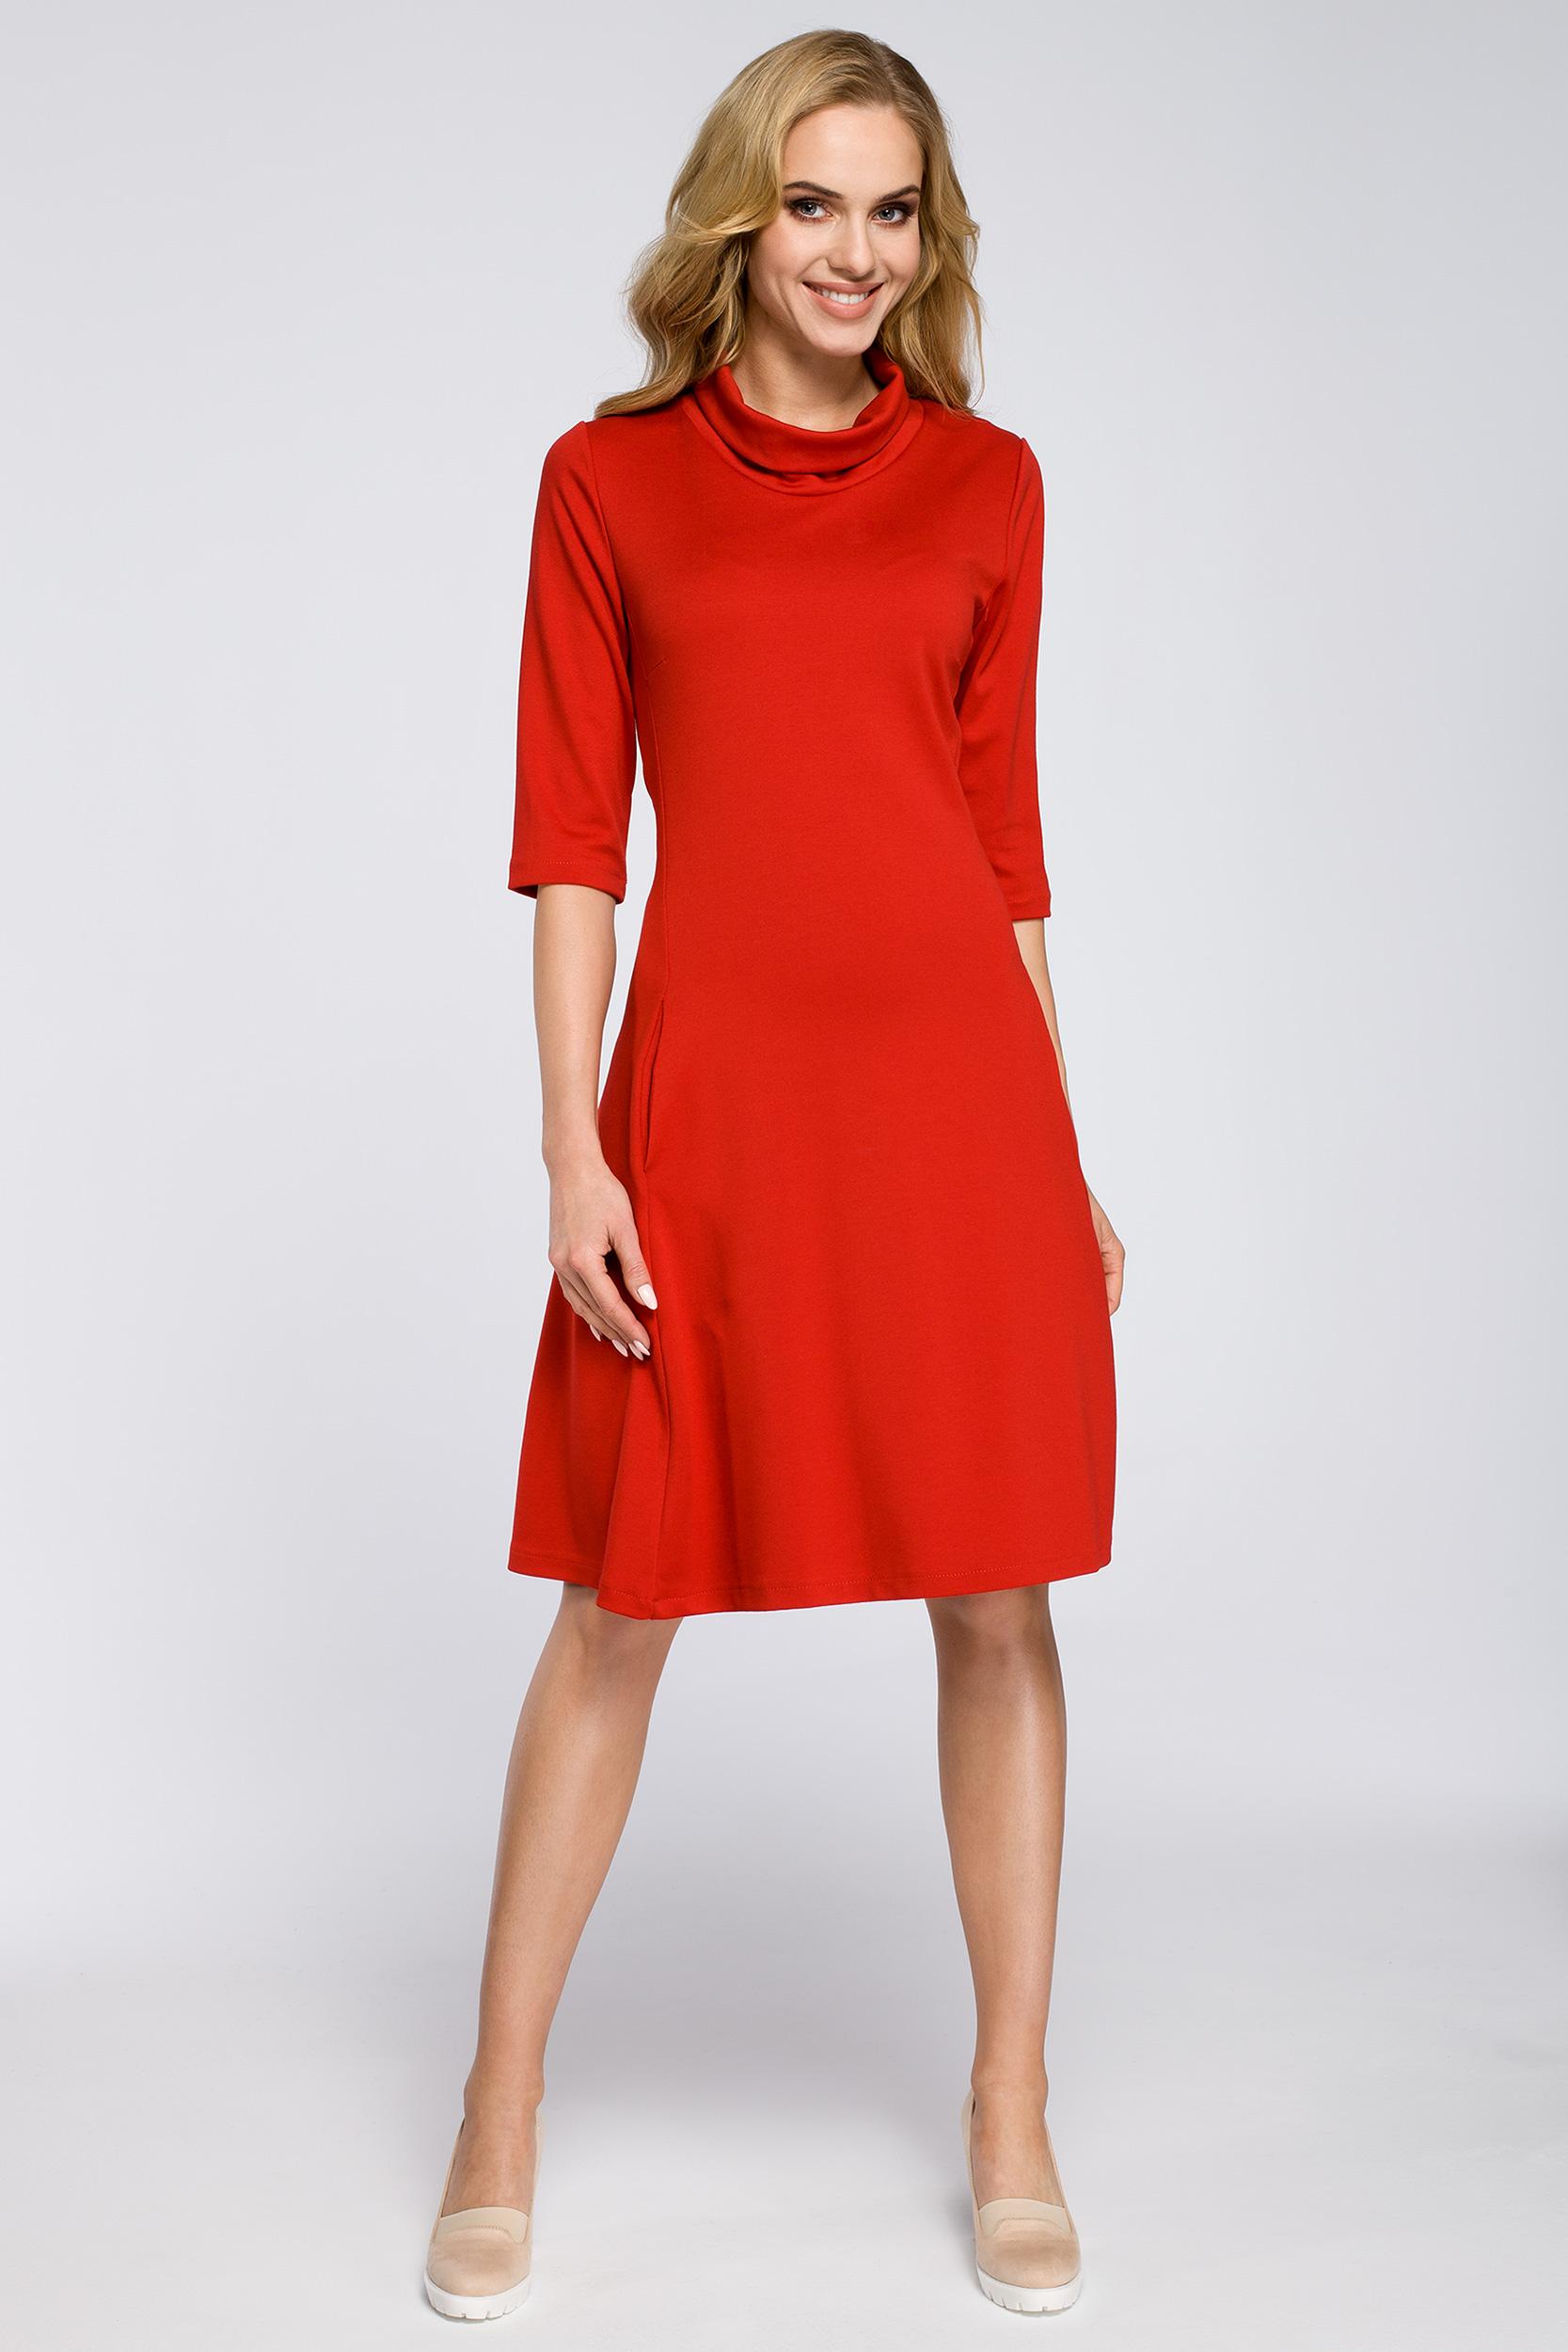 fbca8fe35b CM2685 Zwiewna rozkloszowana sukienka midi - czerwona ...